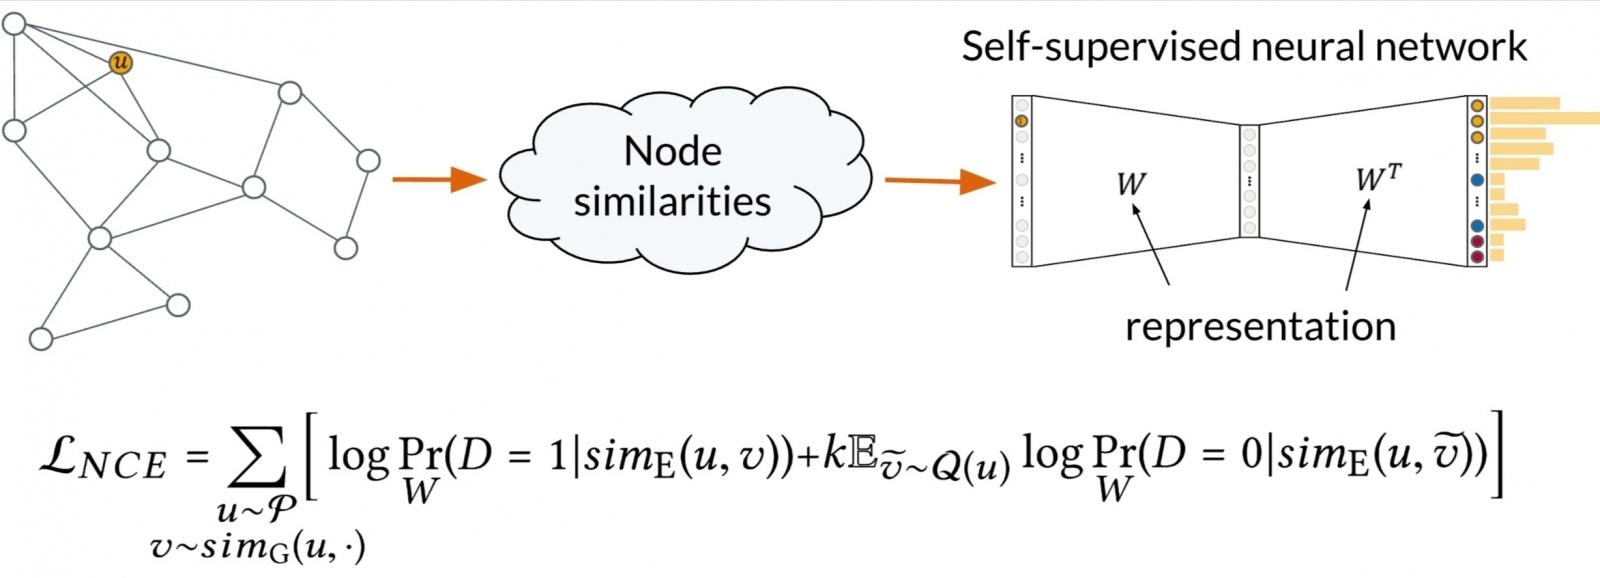 О Структурном Моделировании Организационных Изменений - 17